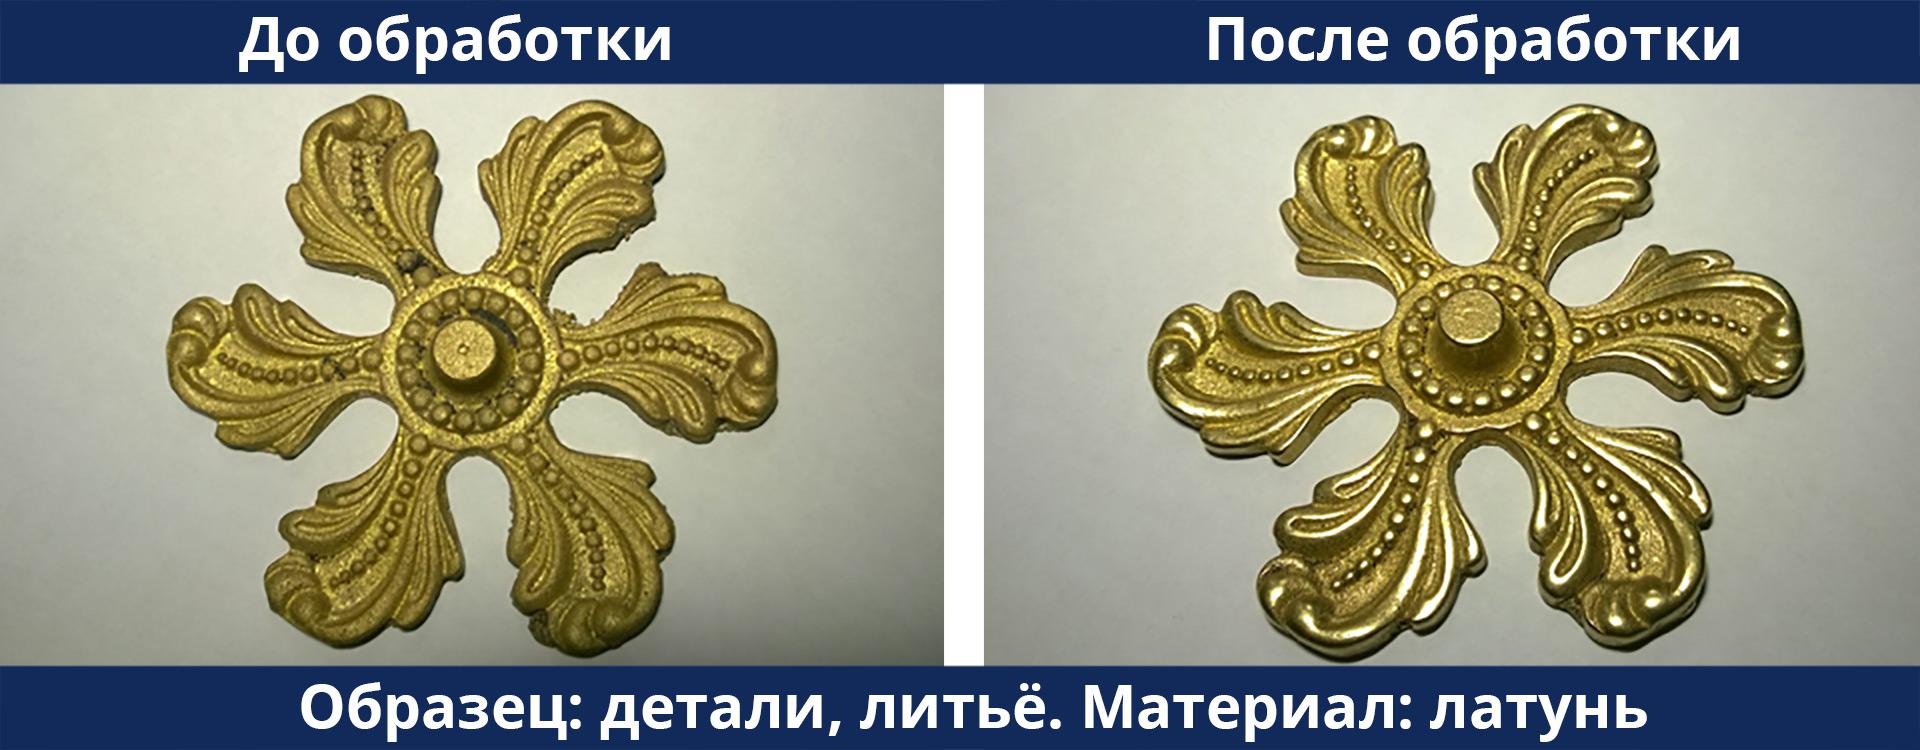 Образец детали из литьевой латуни до галтовки и после галтовки